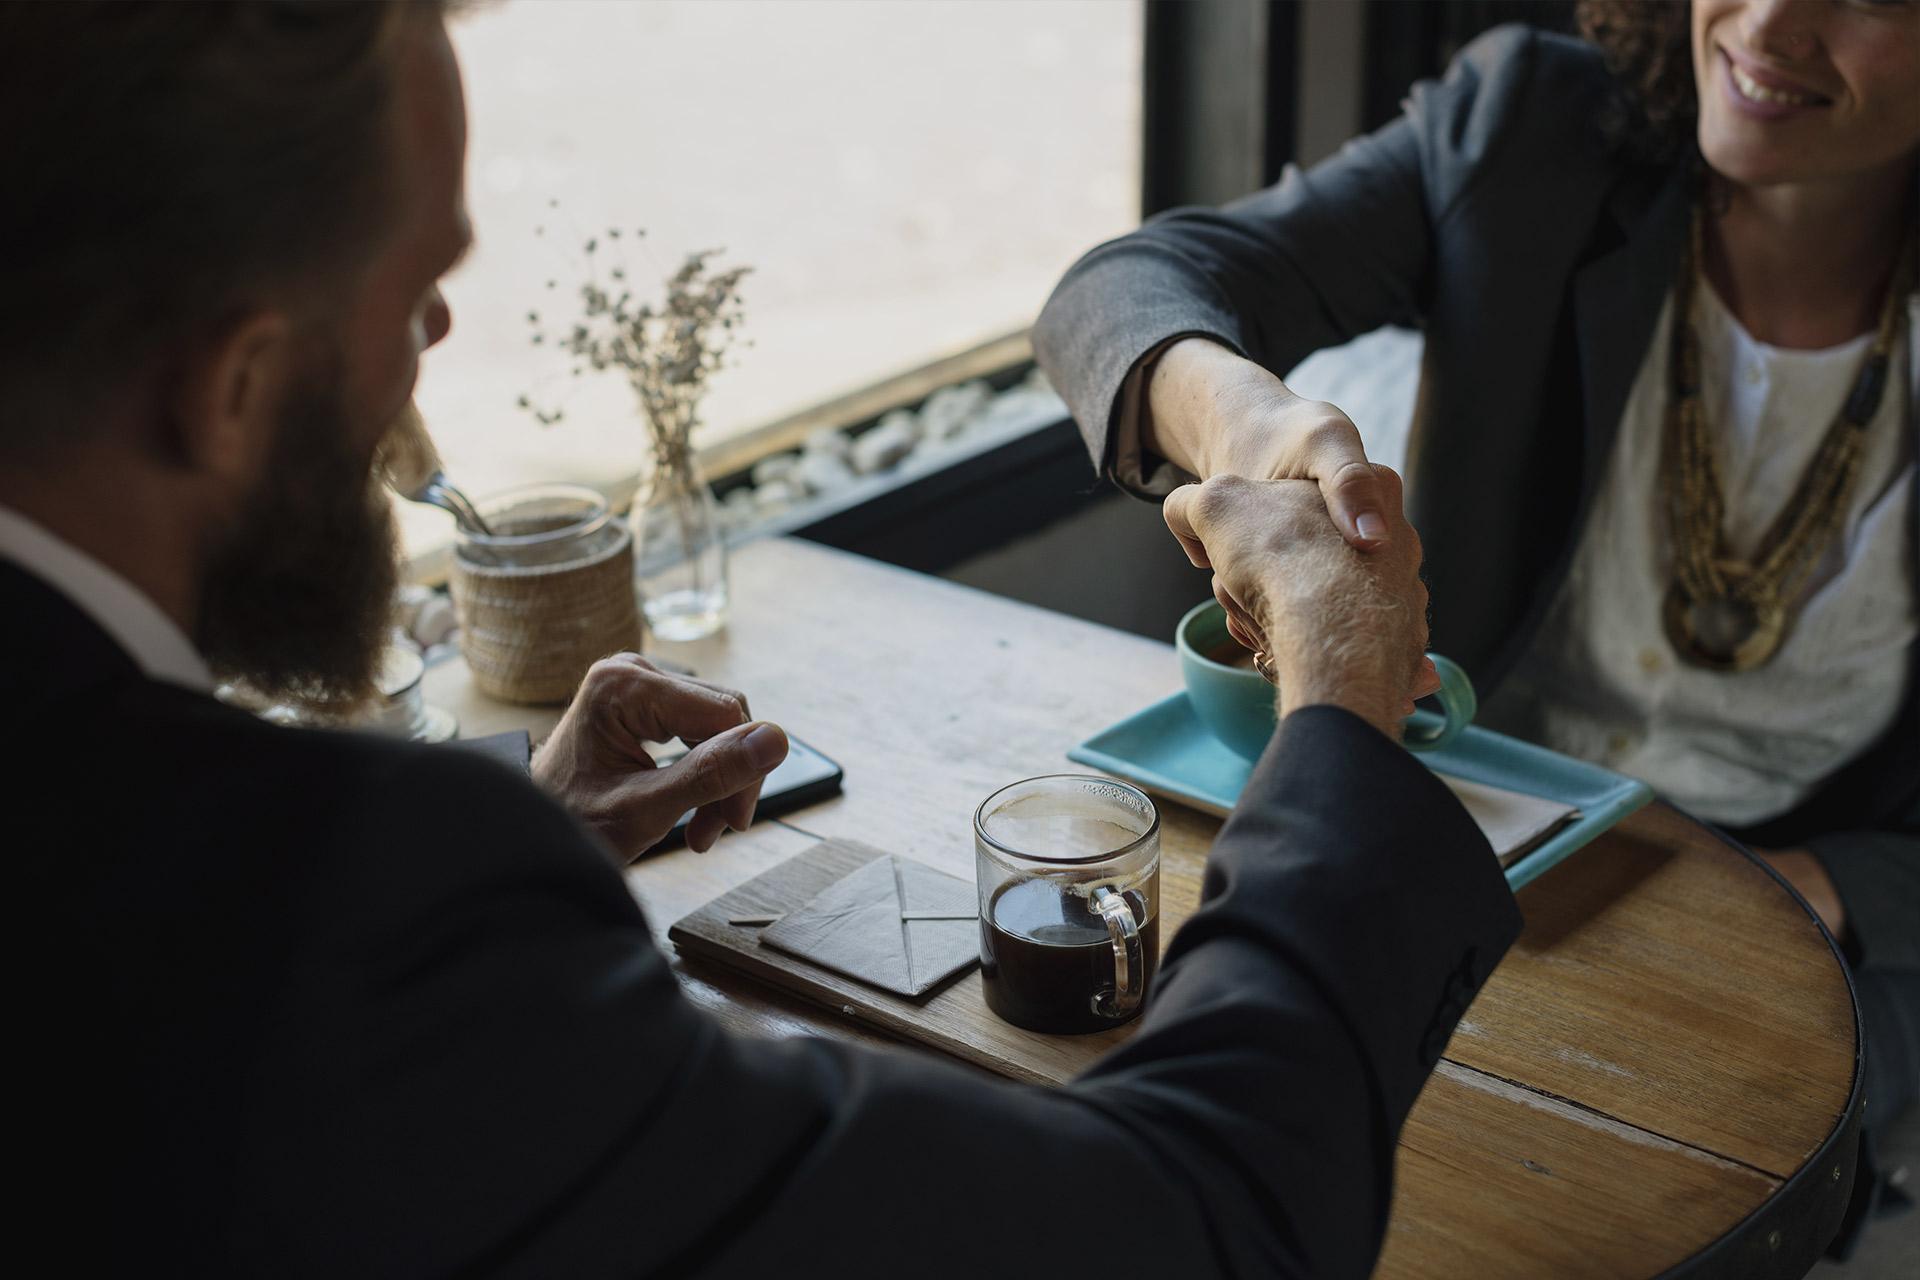 Comment réussir avec son entreprise ? 5 points clés